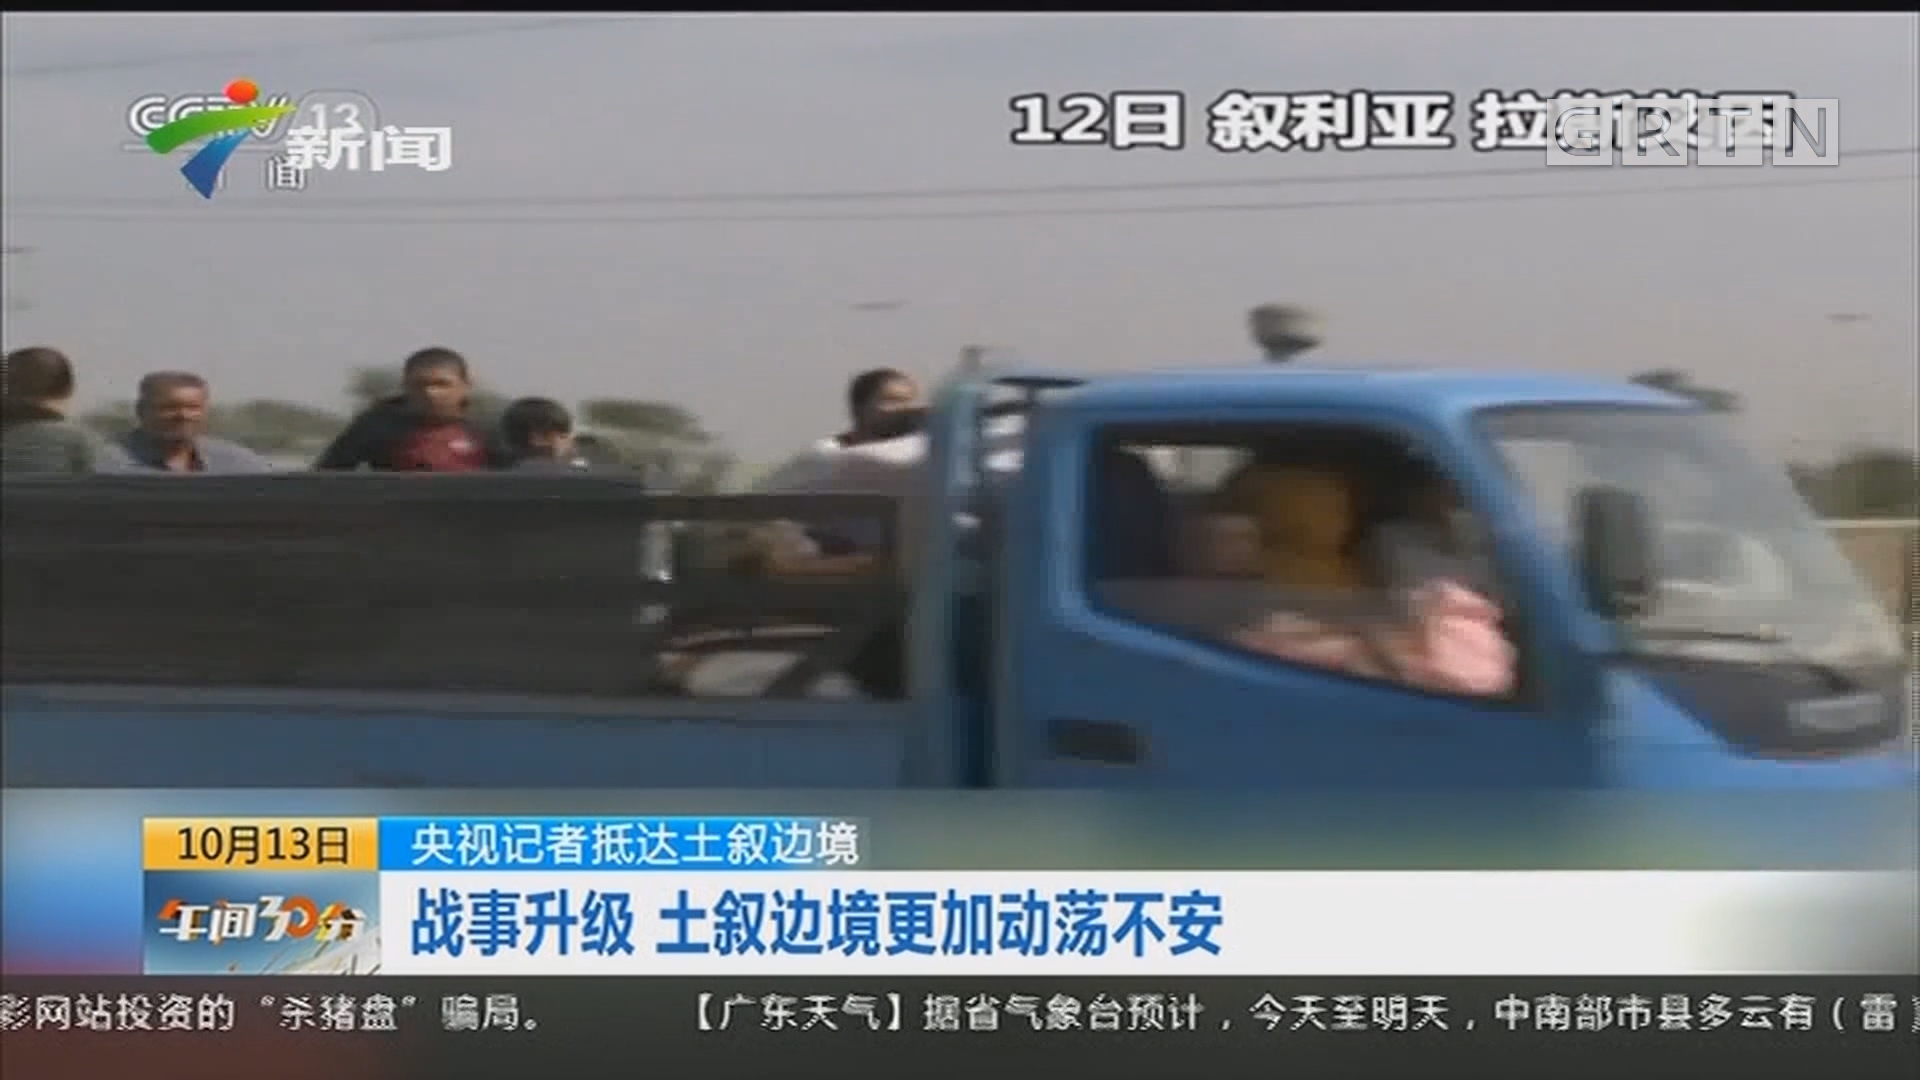 央视记者抵达土叙边境:战事升级 土叙边境更加动荡不安